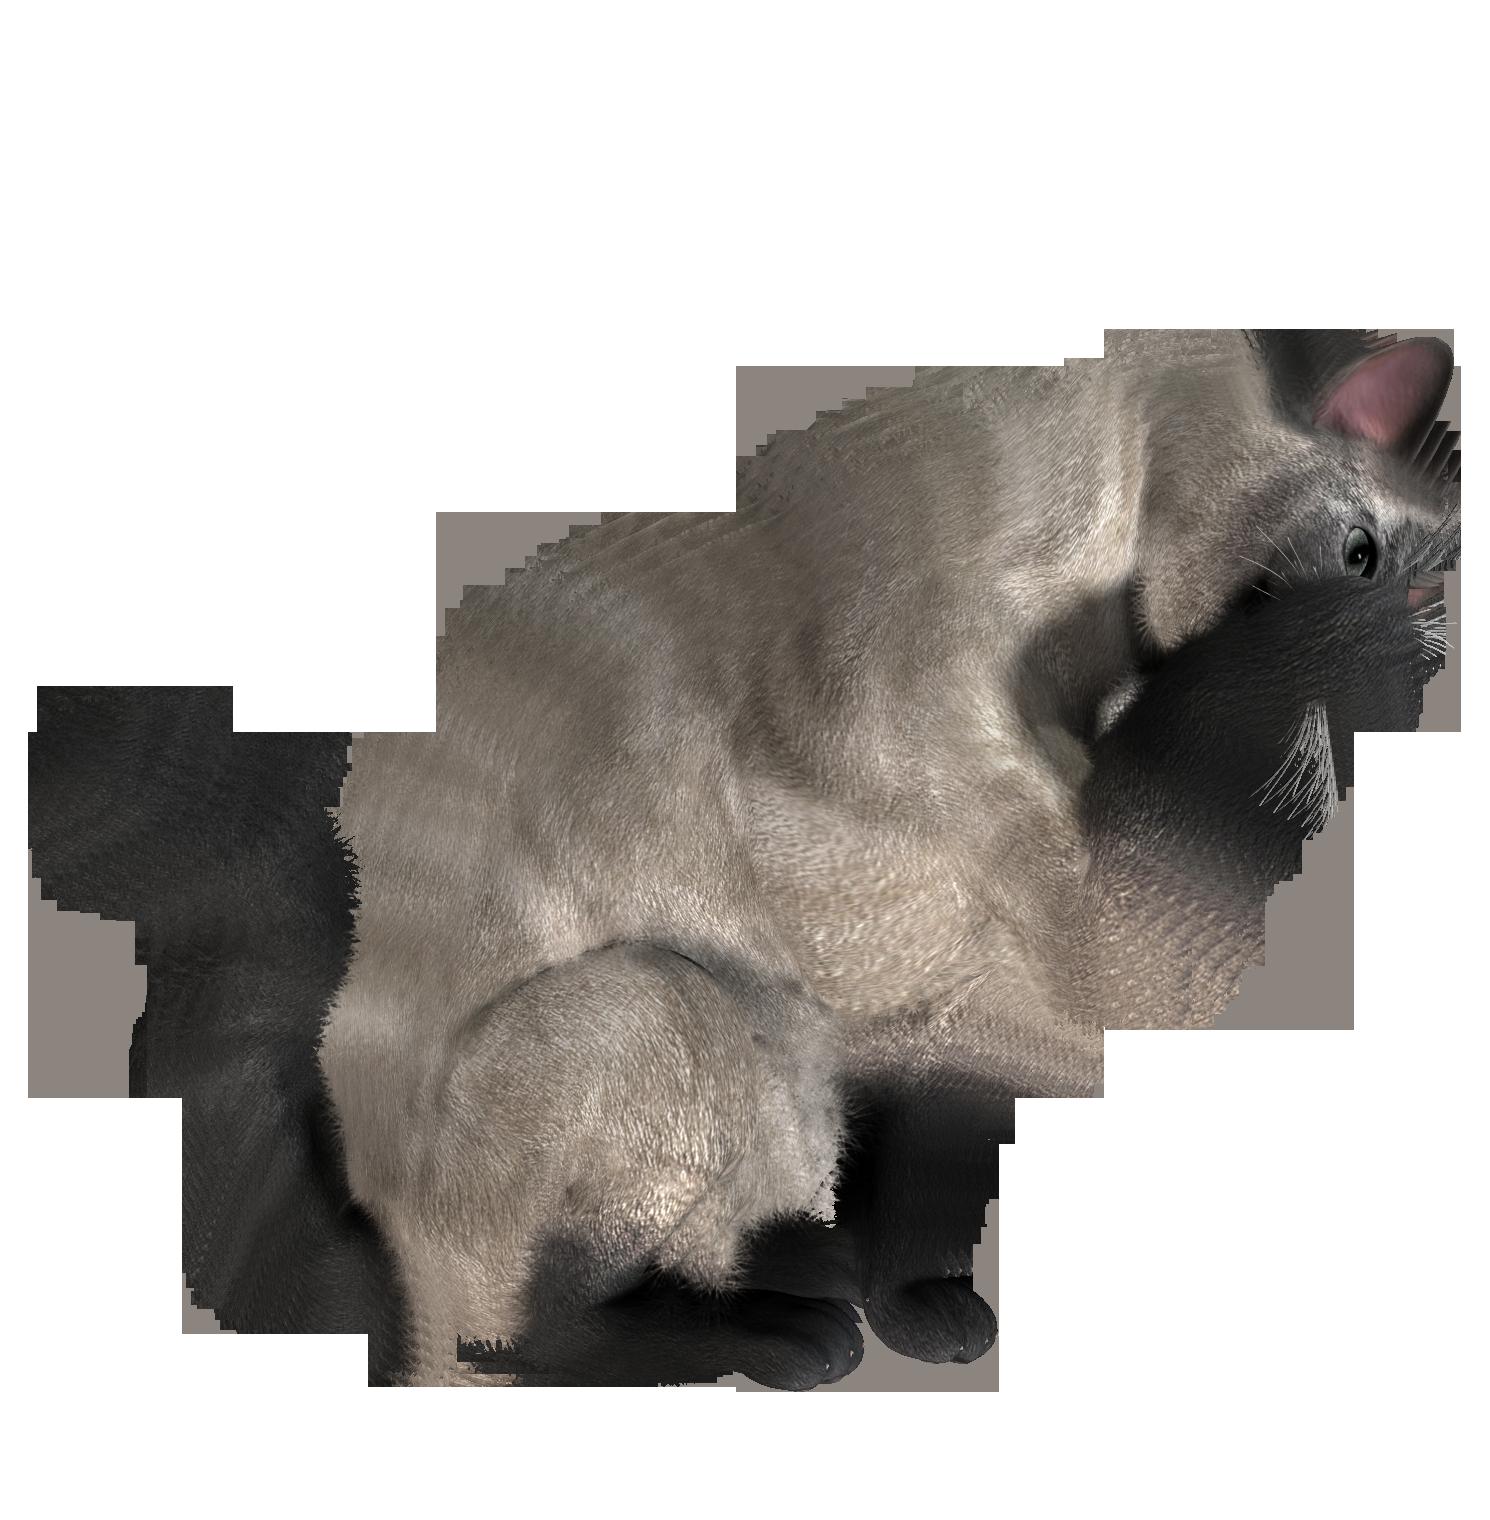 cat_PNG1634.png